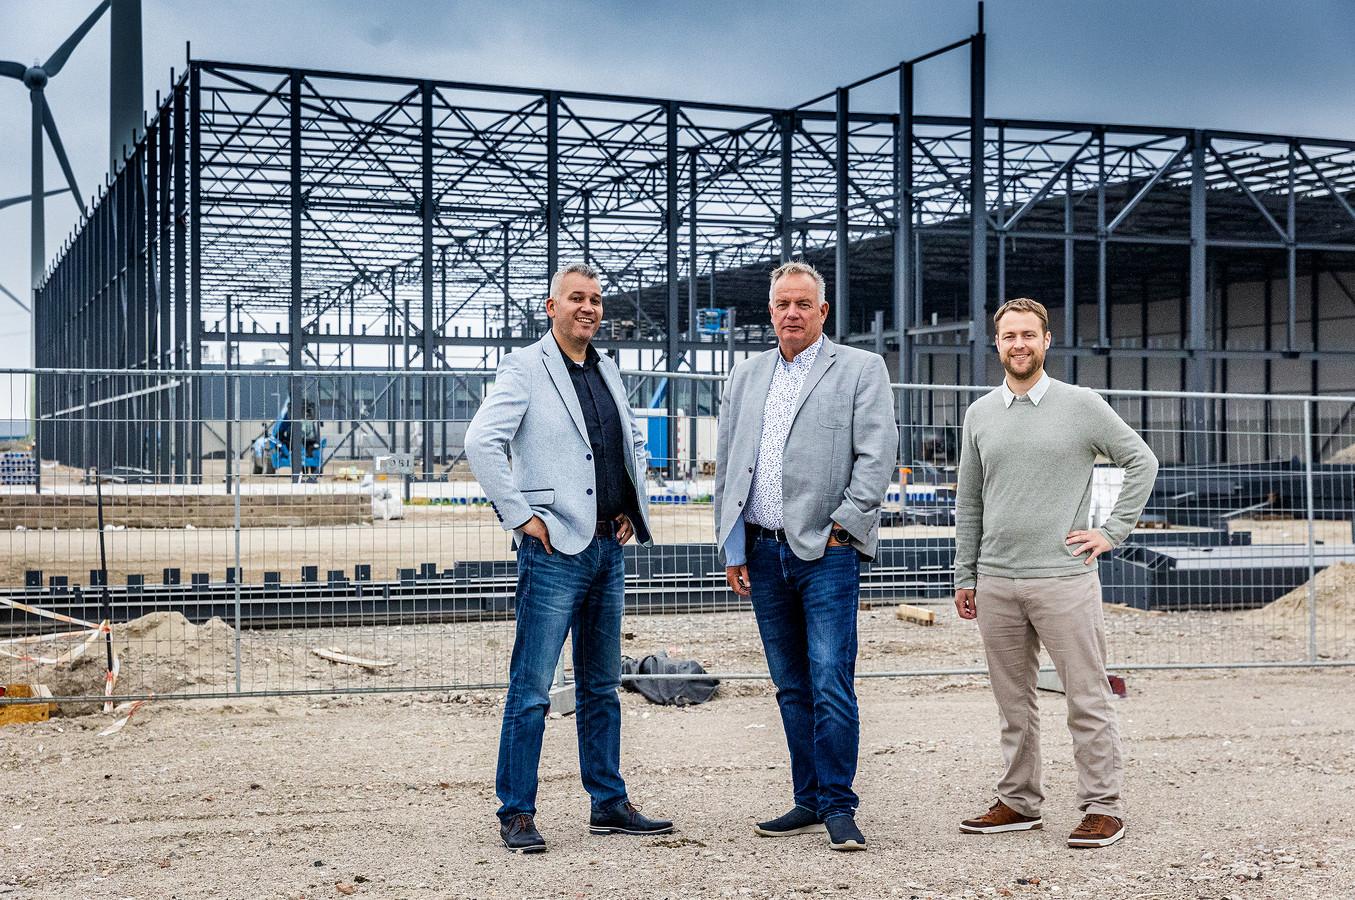 Reinier Velding (directeur contract logistiek), Martin de Leng (algemeen directeur) en Jasper Mulder (financieel manager) voor het toekomstige pand van LGI Nederland op het Dordtse Distripark.